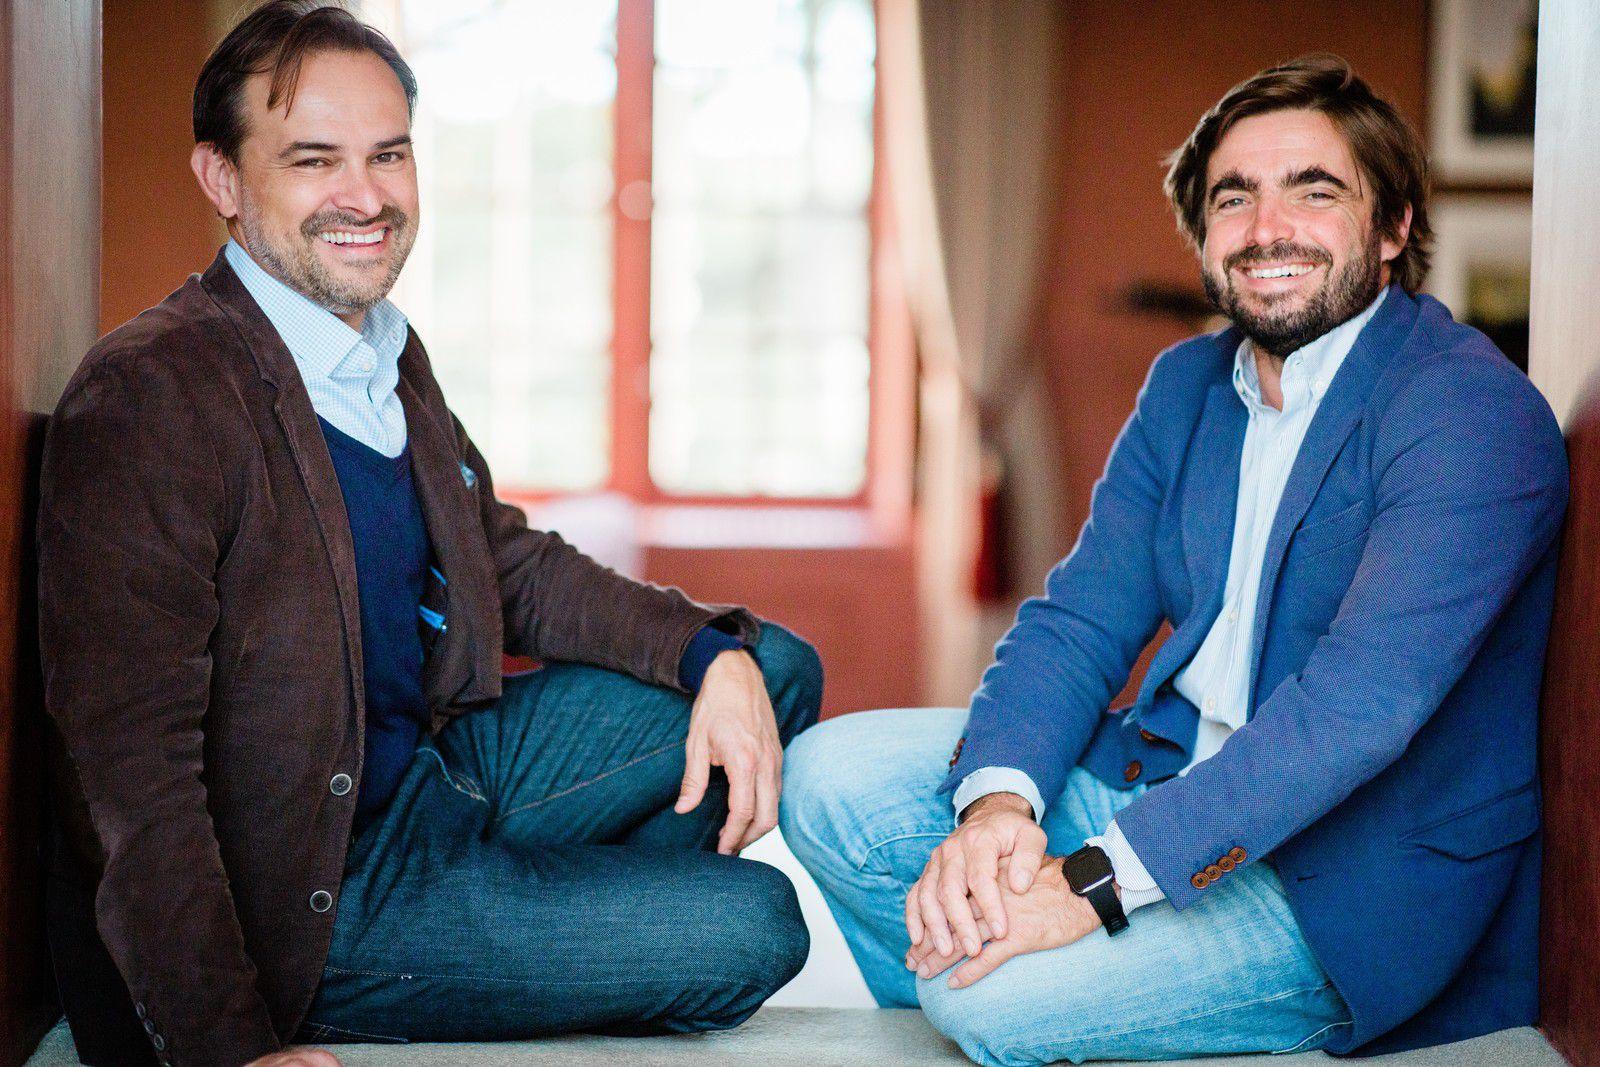 En AOP Sauternes et Barsac : un duo de présidents complémentaires